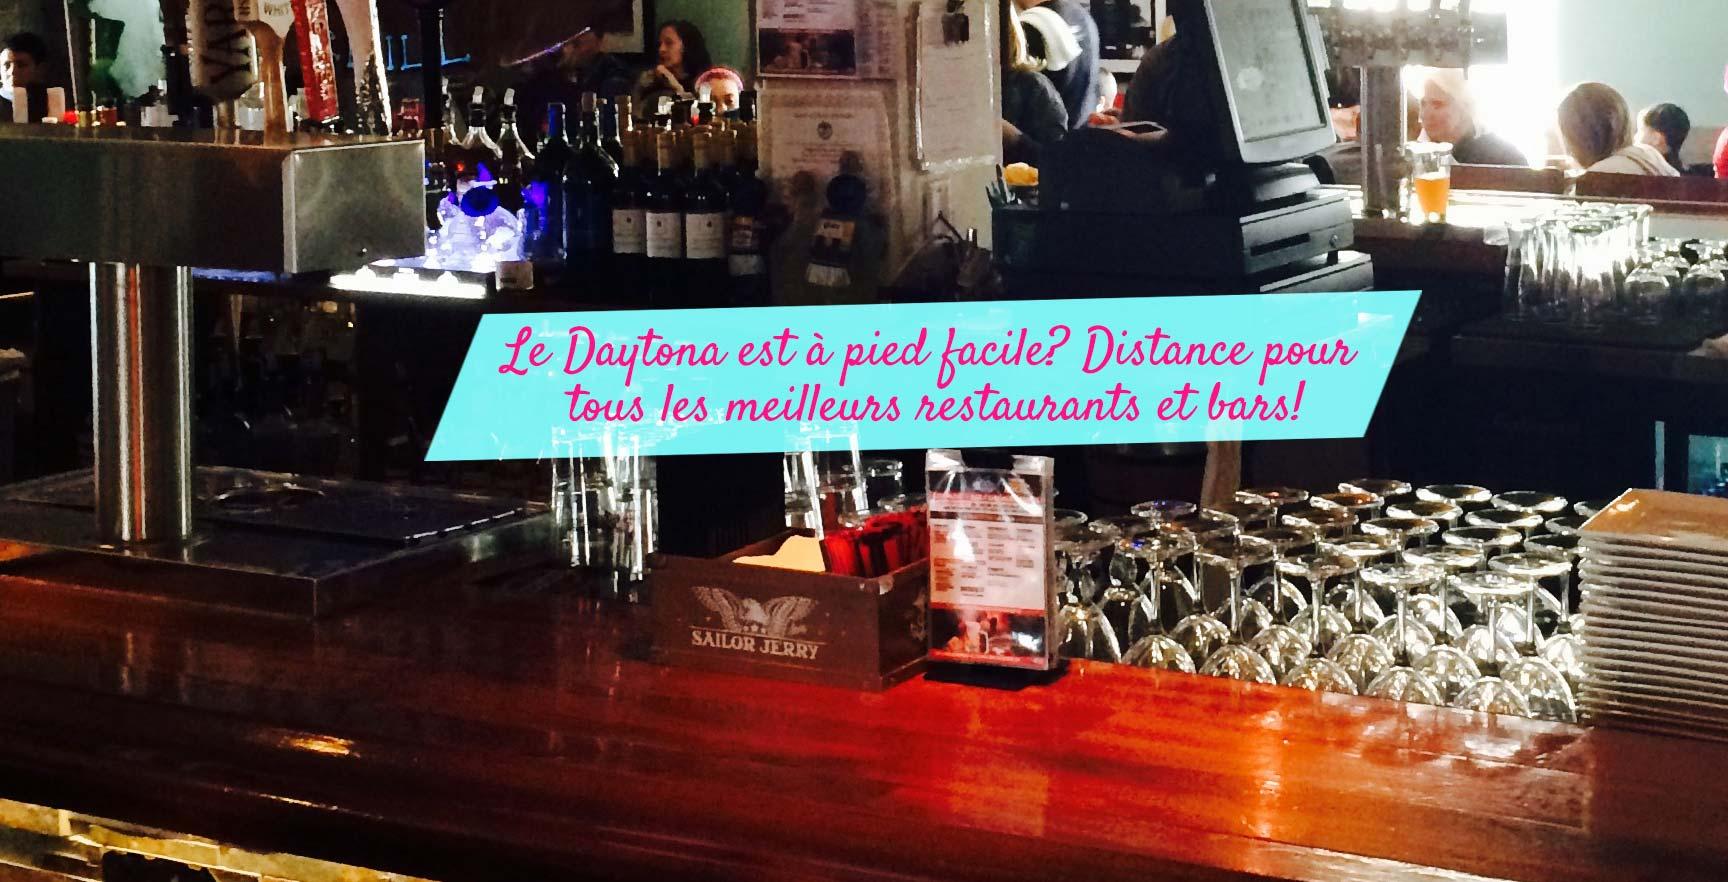 Daytona-RestBars-French-Slider2